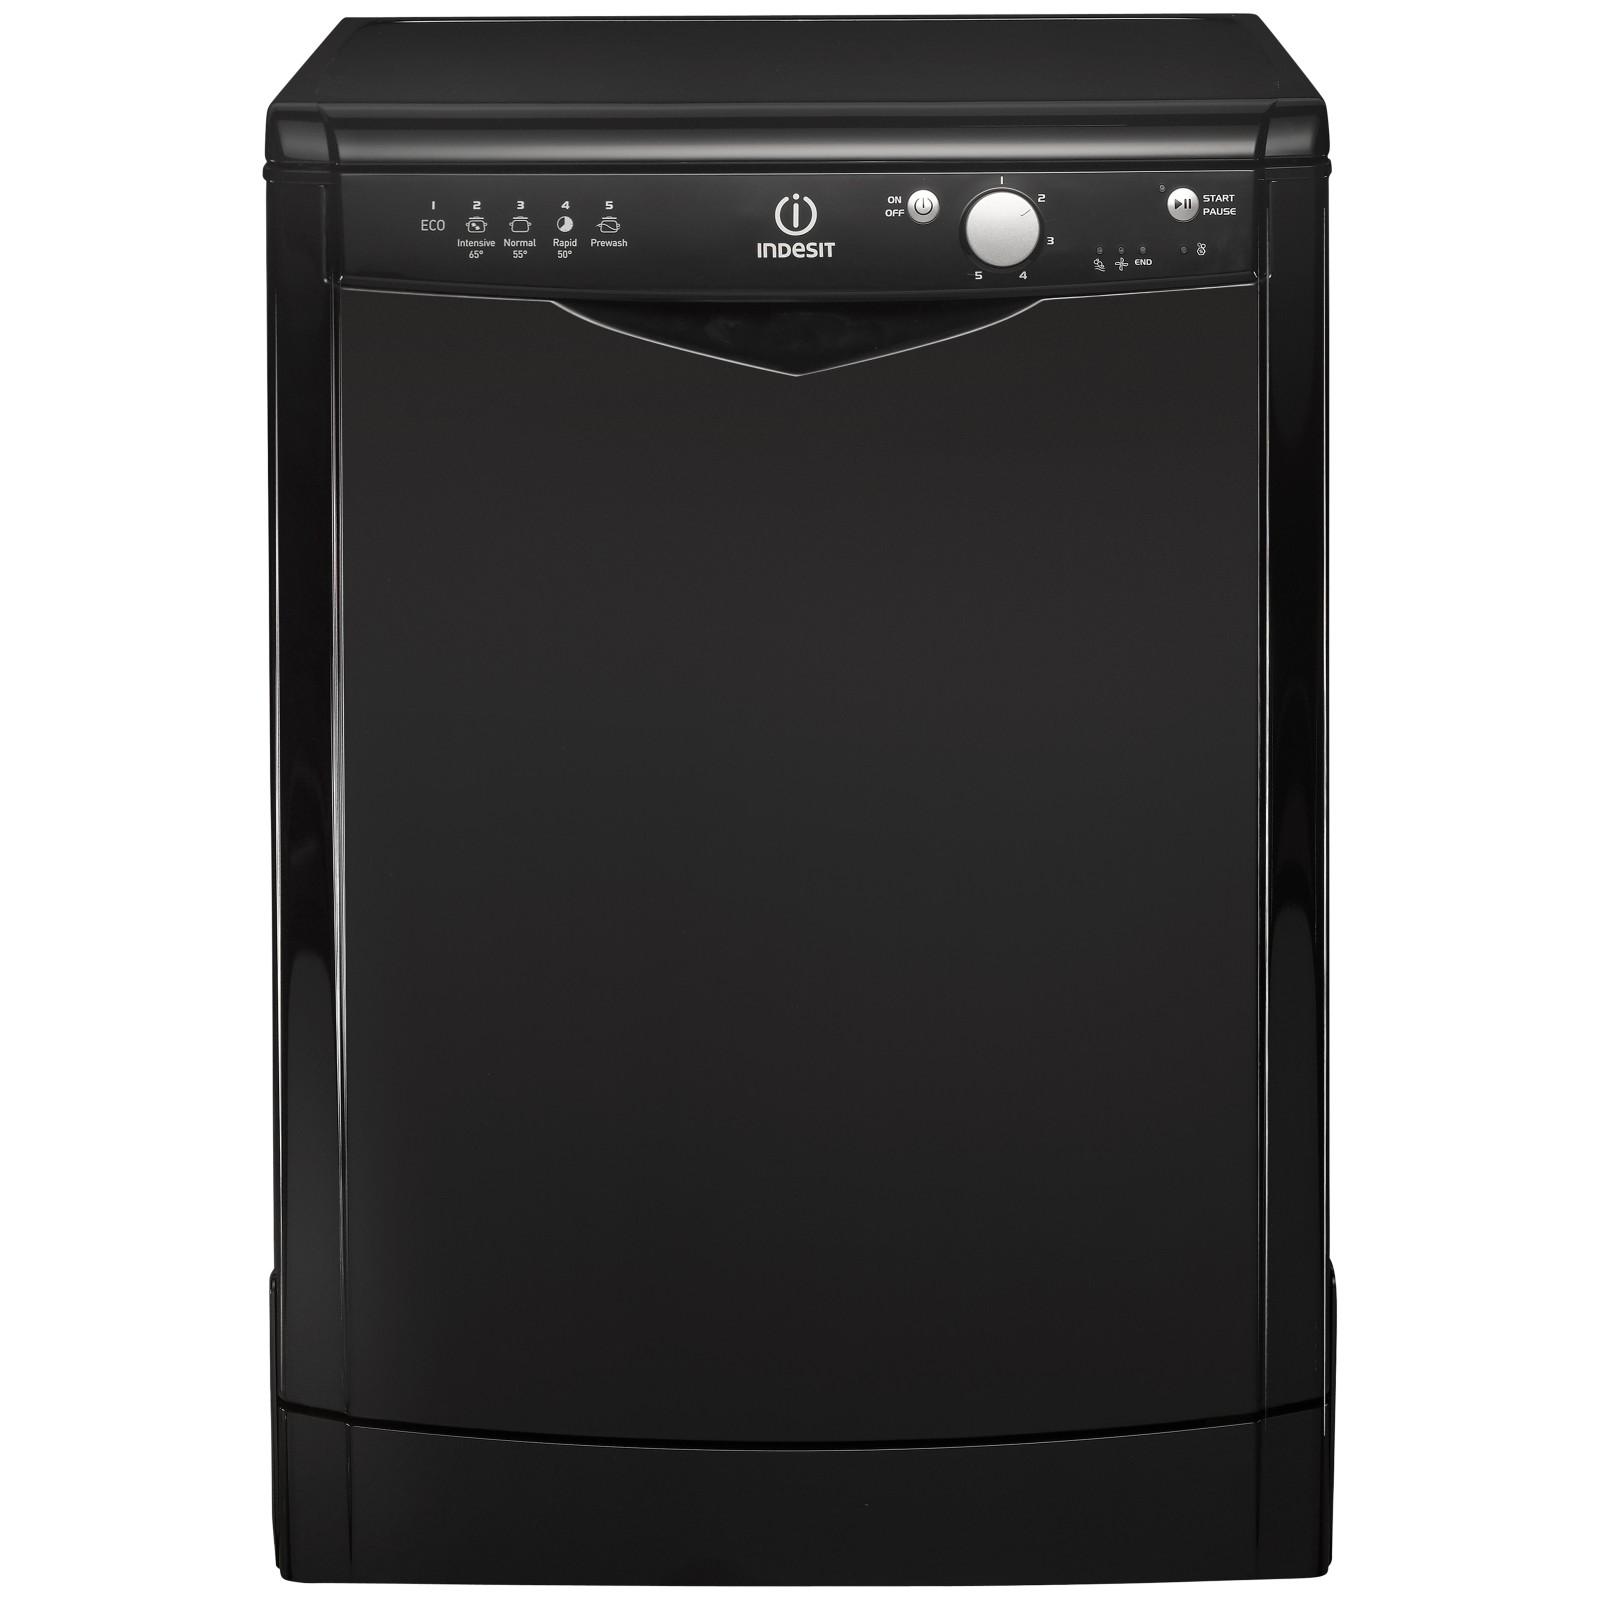 Indesit DFG 15B1 K Dishwasher